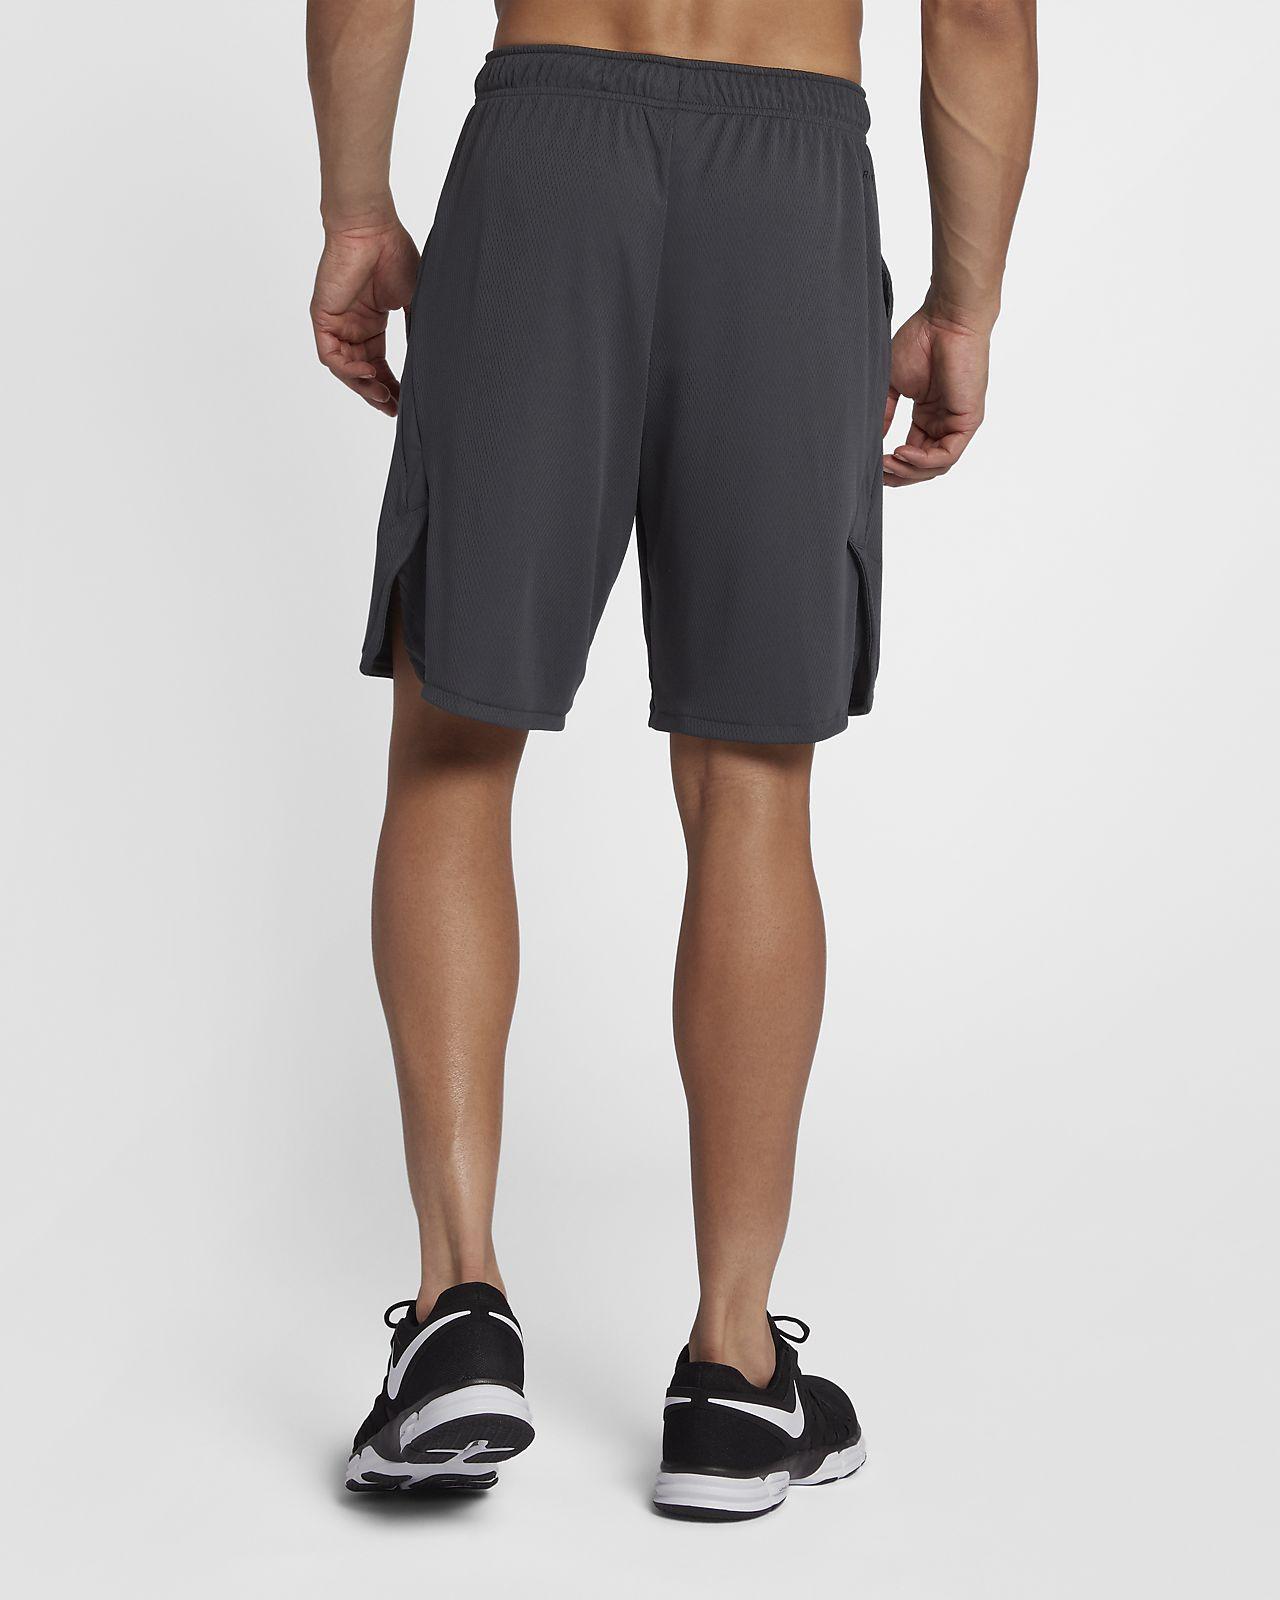 8834506c046 Nike Dri-FIT Men's Woven 9